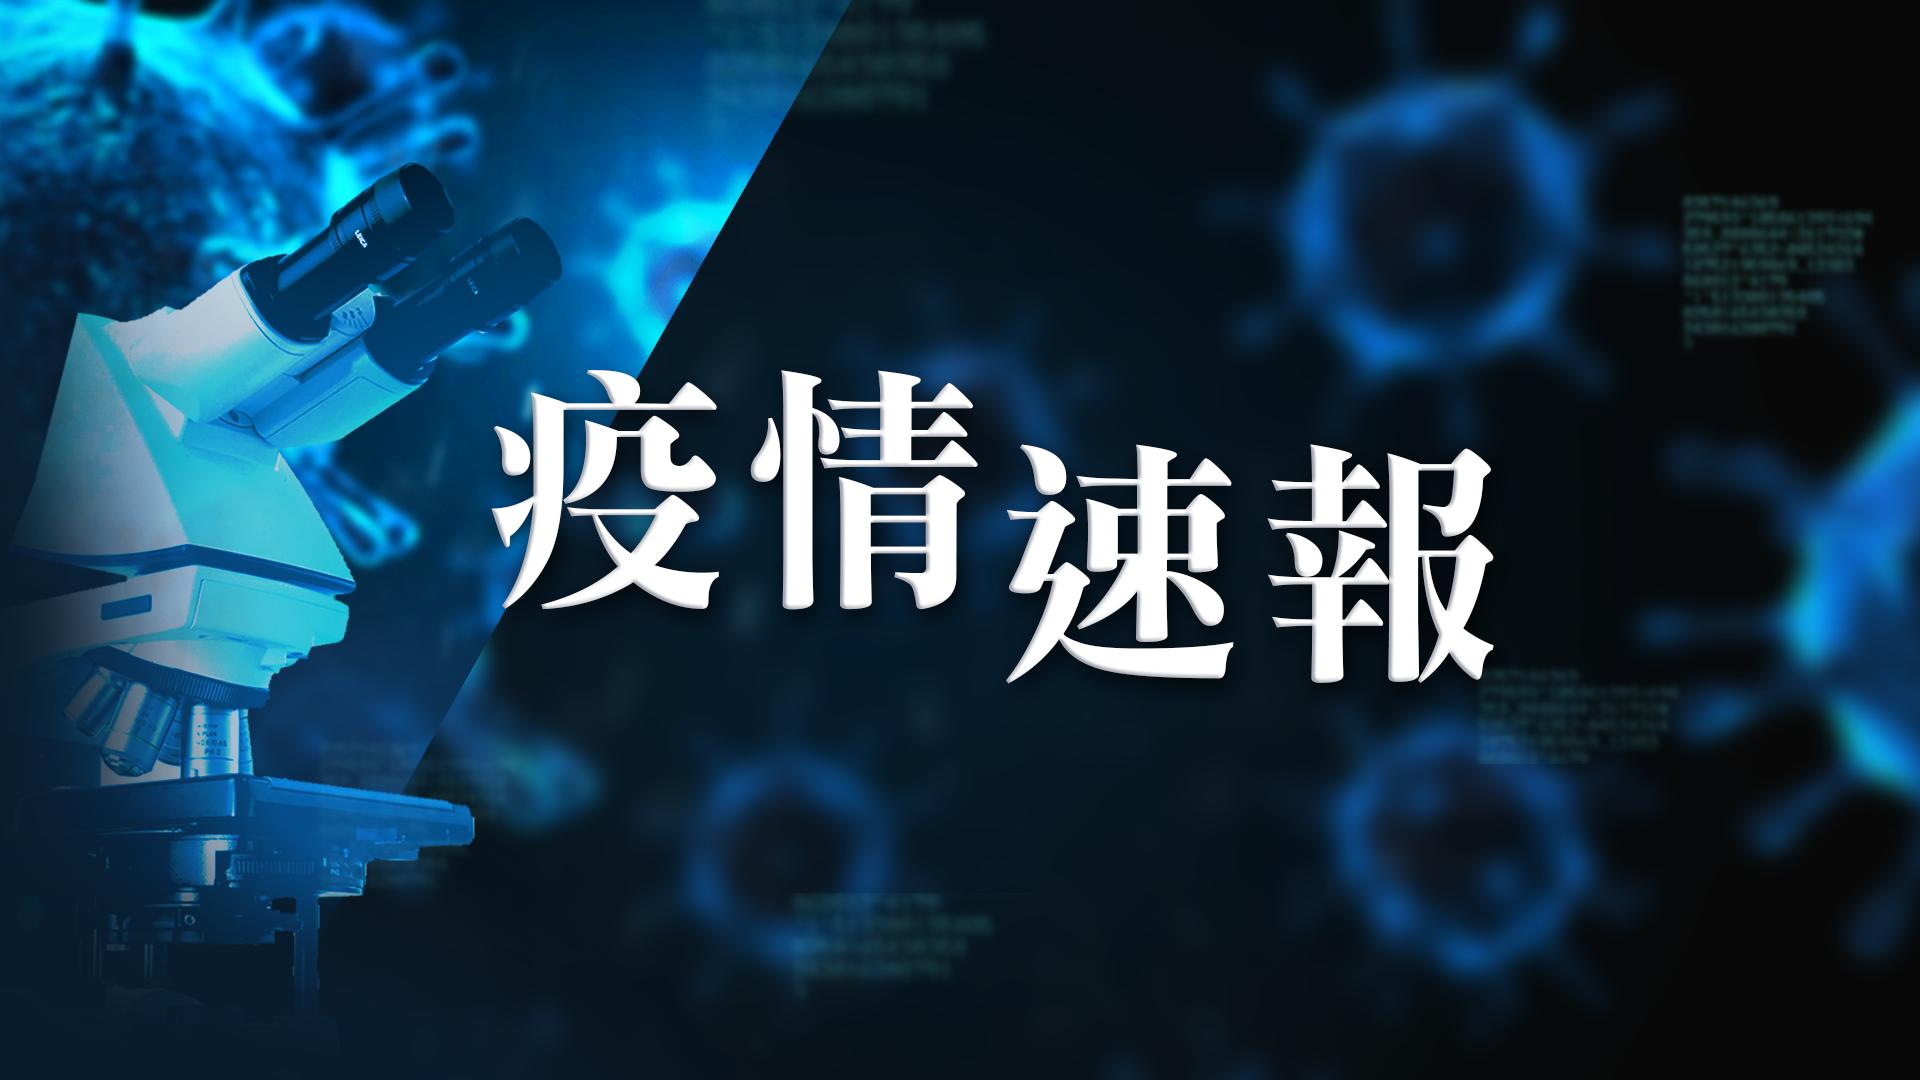 【7月27日疫情速報】(23:30)